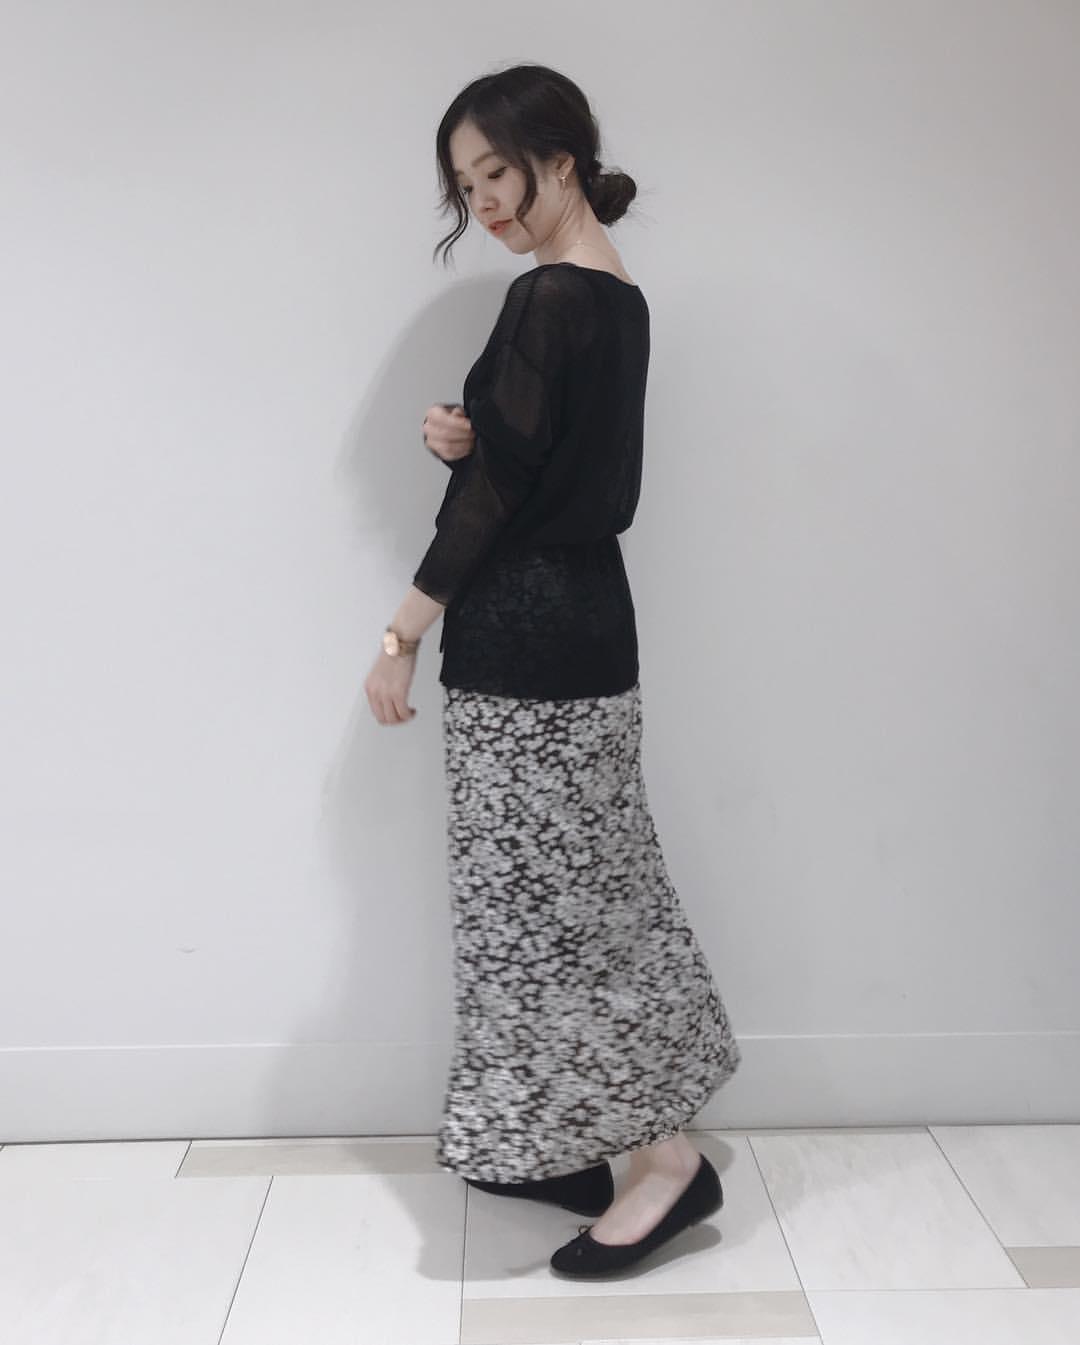 最高気温9度・最低気温6度 hikari_k0122の服装